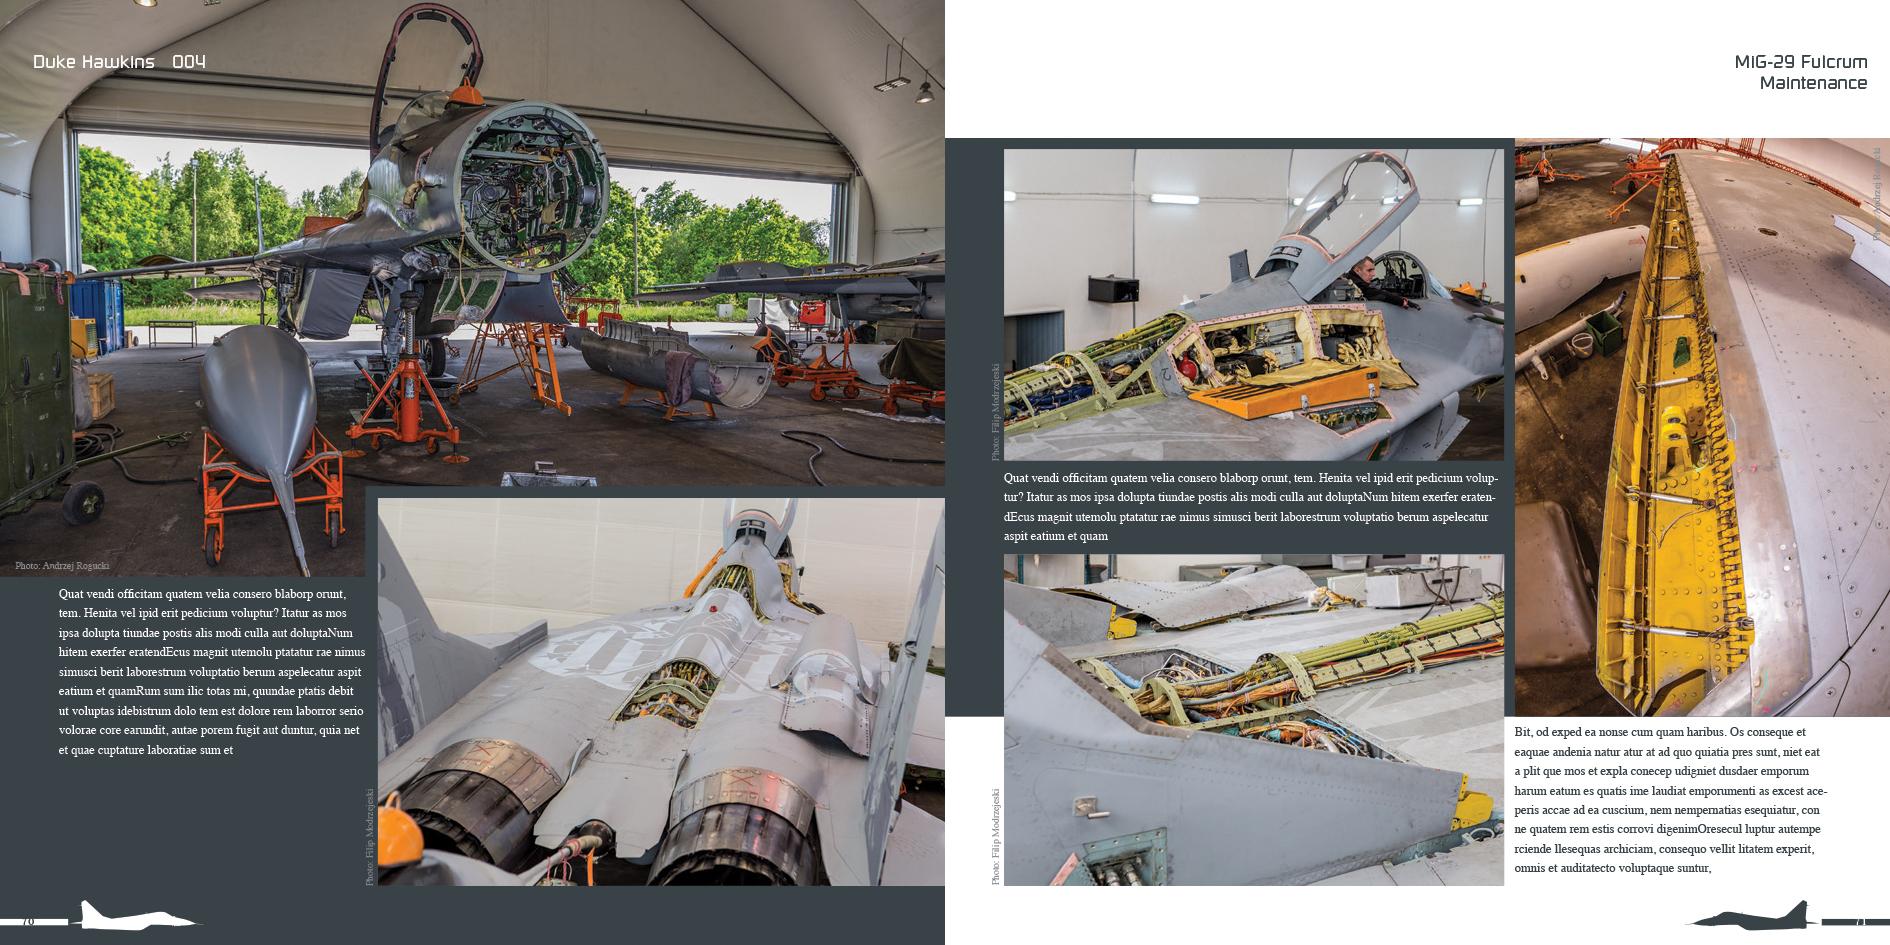 DH004 - MiG 29-006